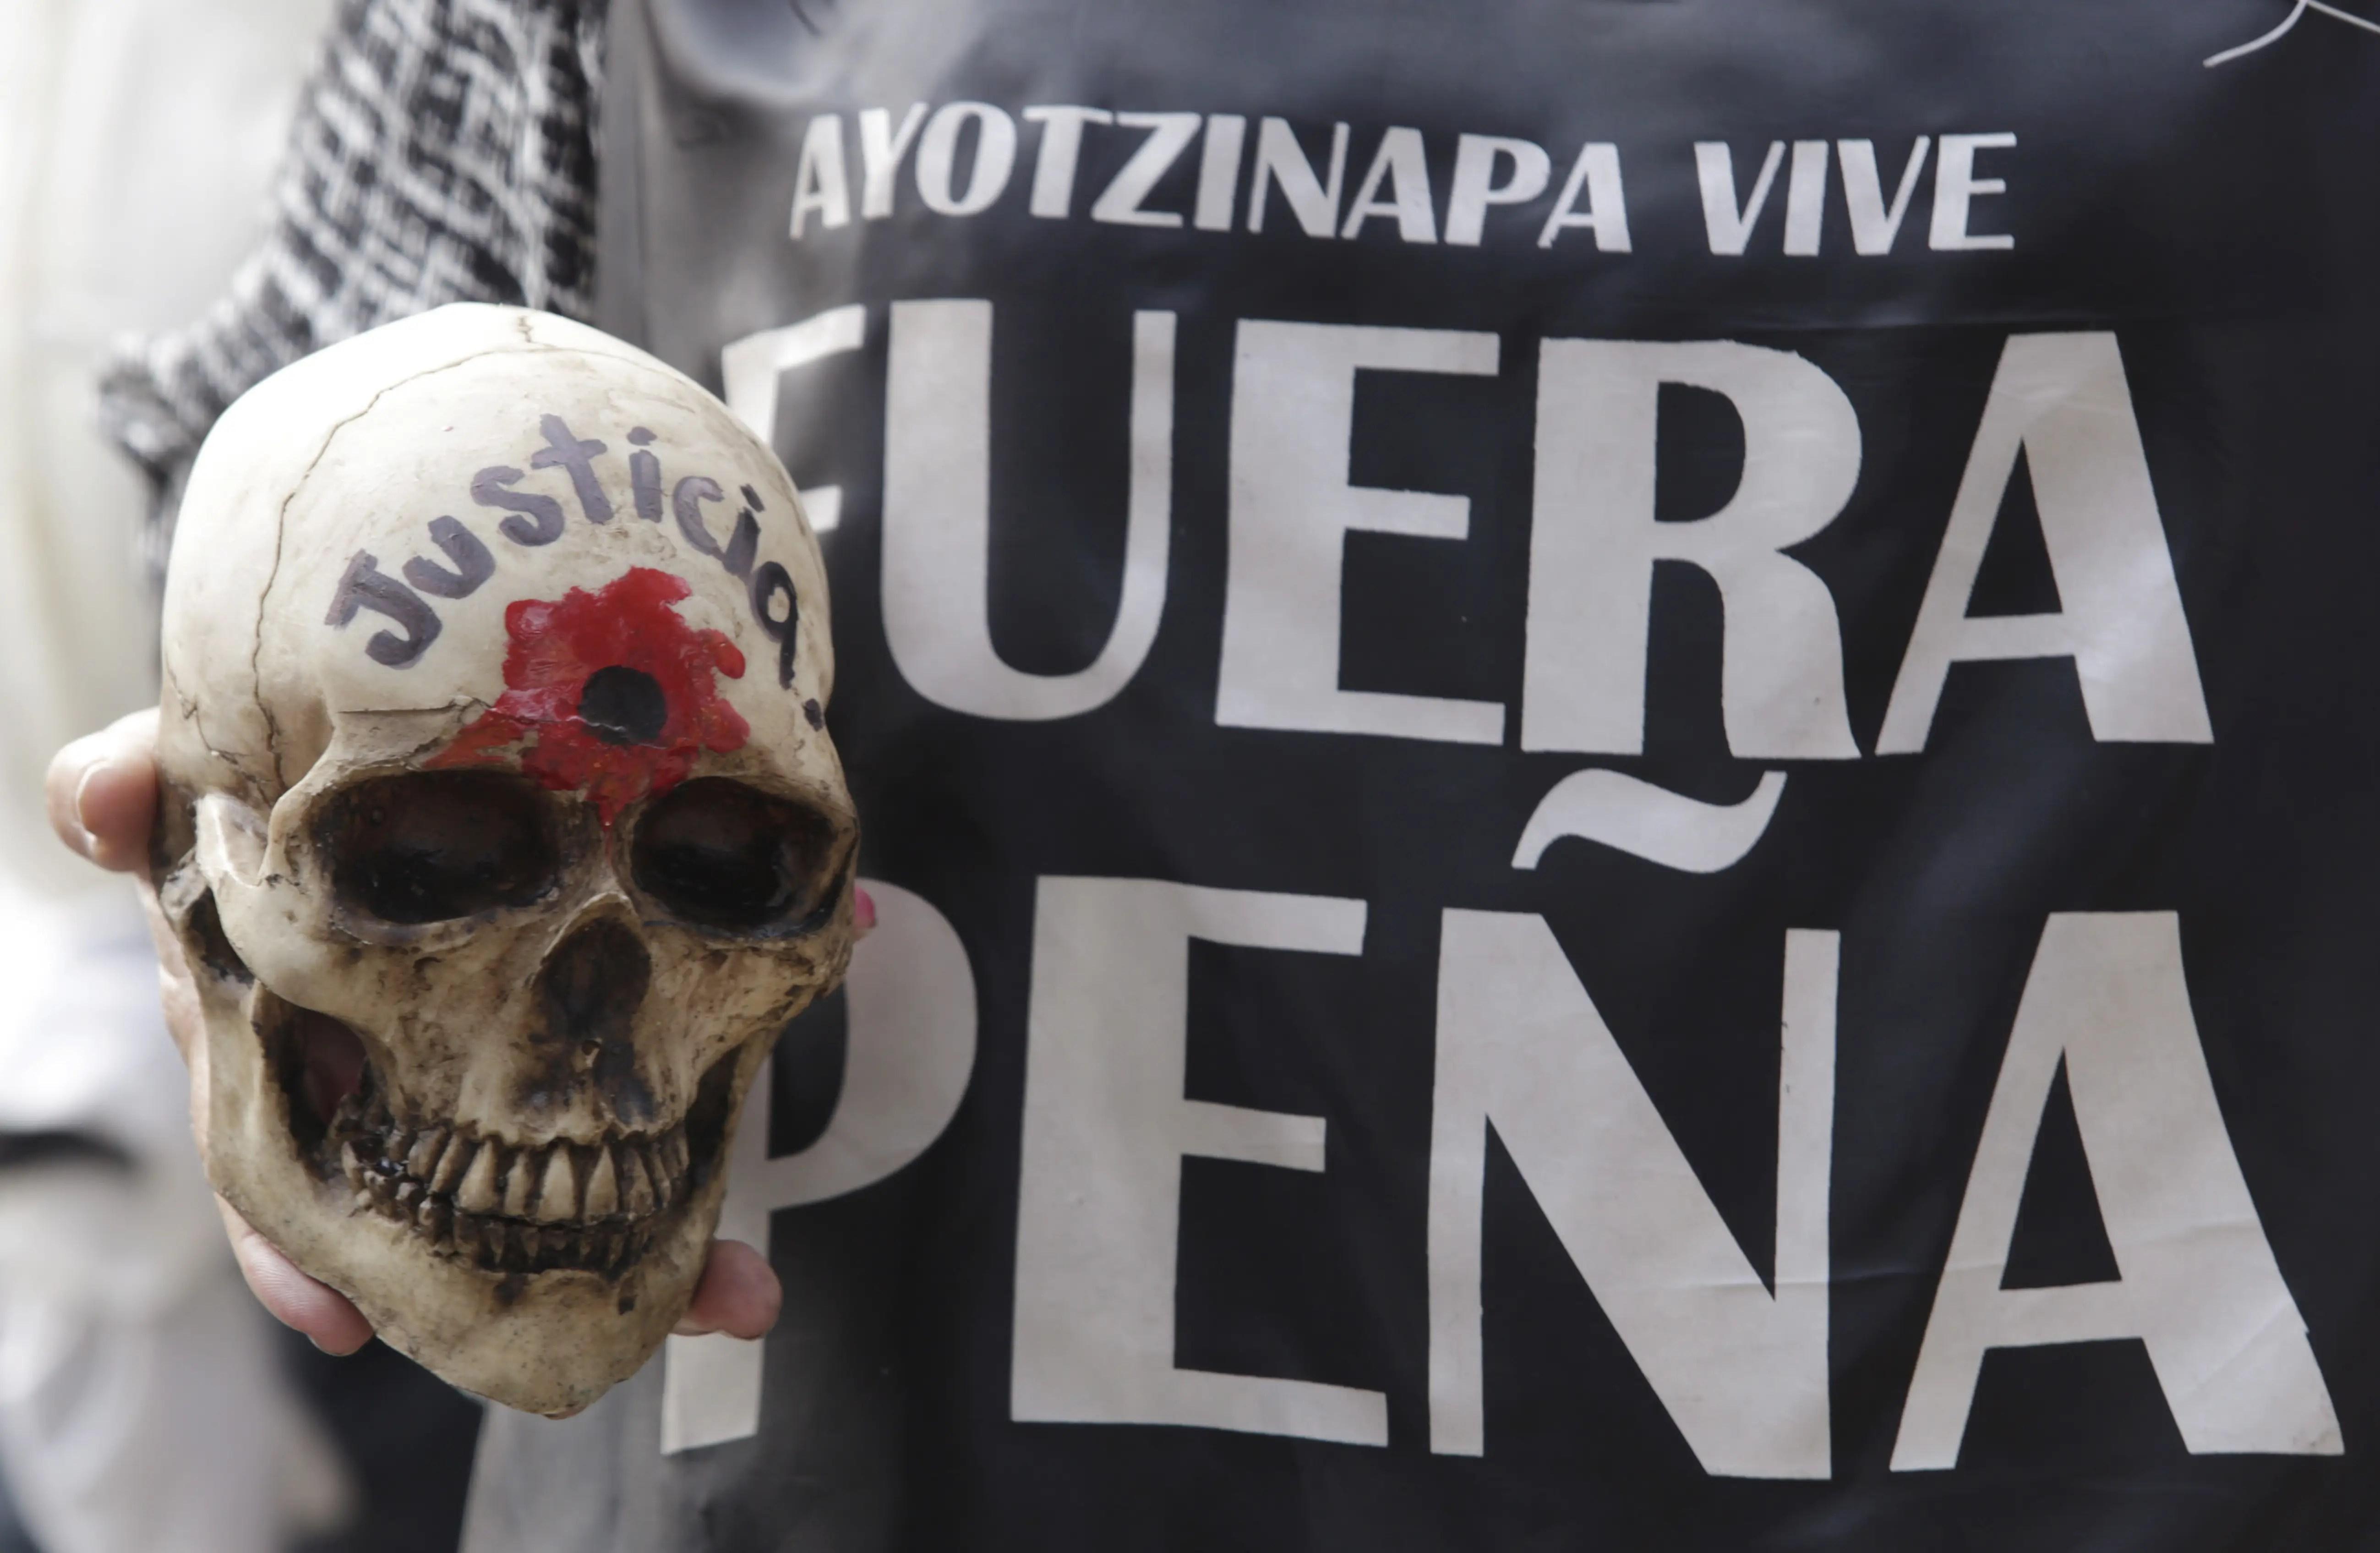 Mexico Guerrero Ayotzinapa protest crime